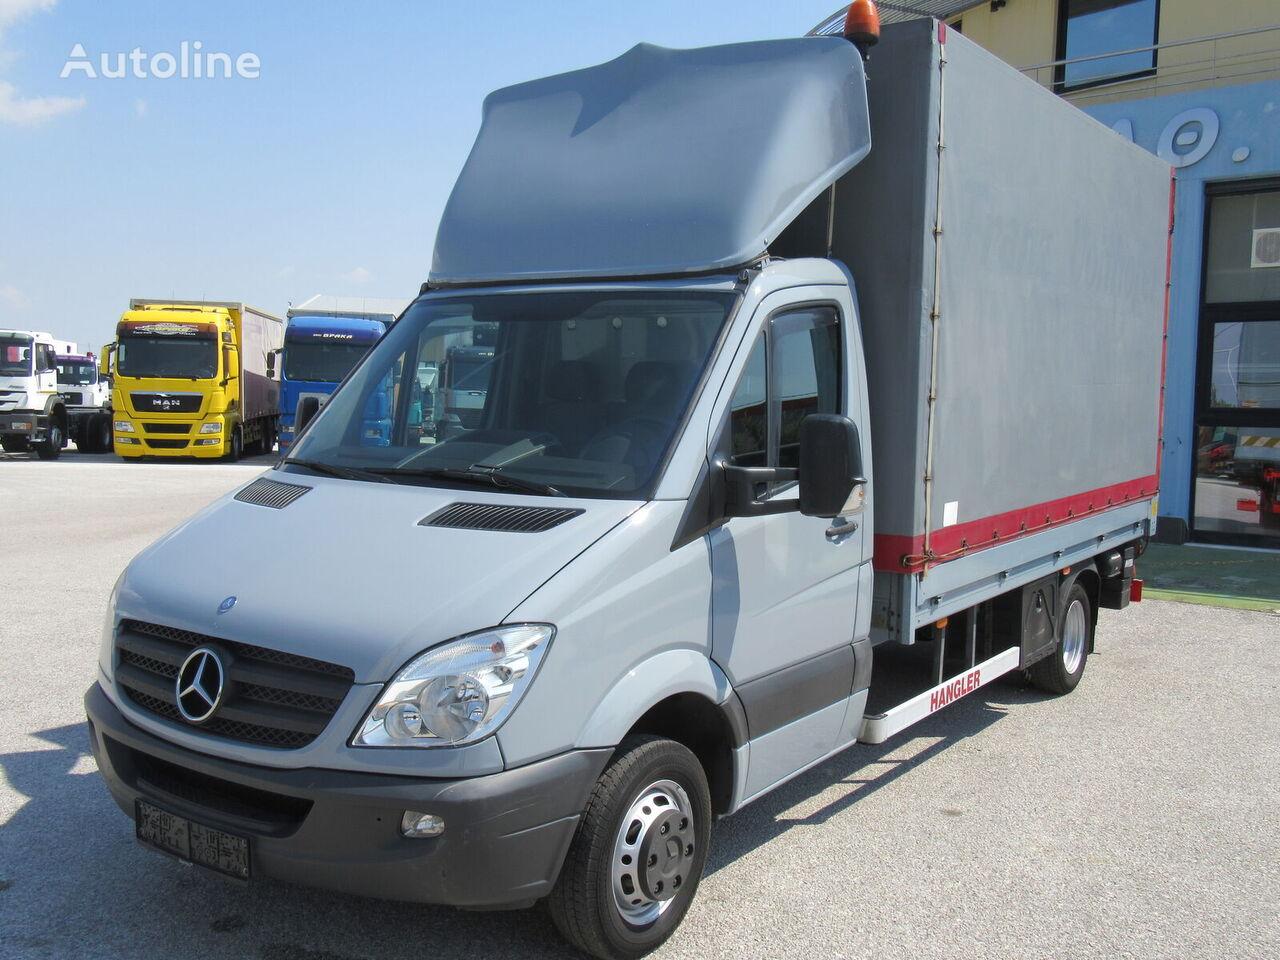 MERCEDES-BENZ 516 CDI  tilt truck < 3.5t